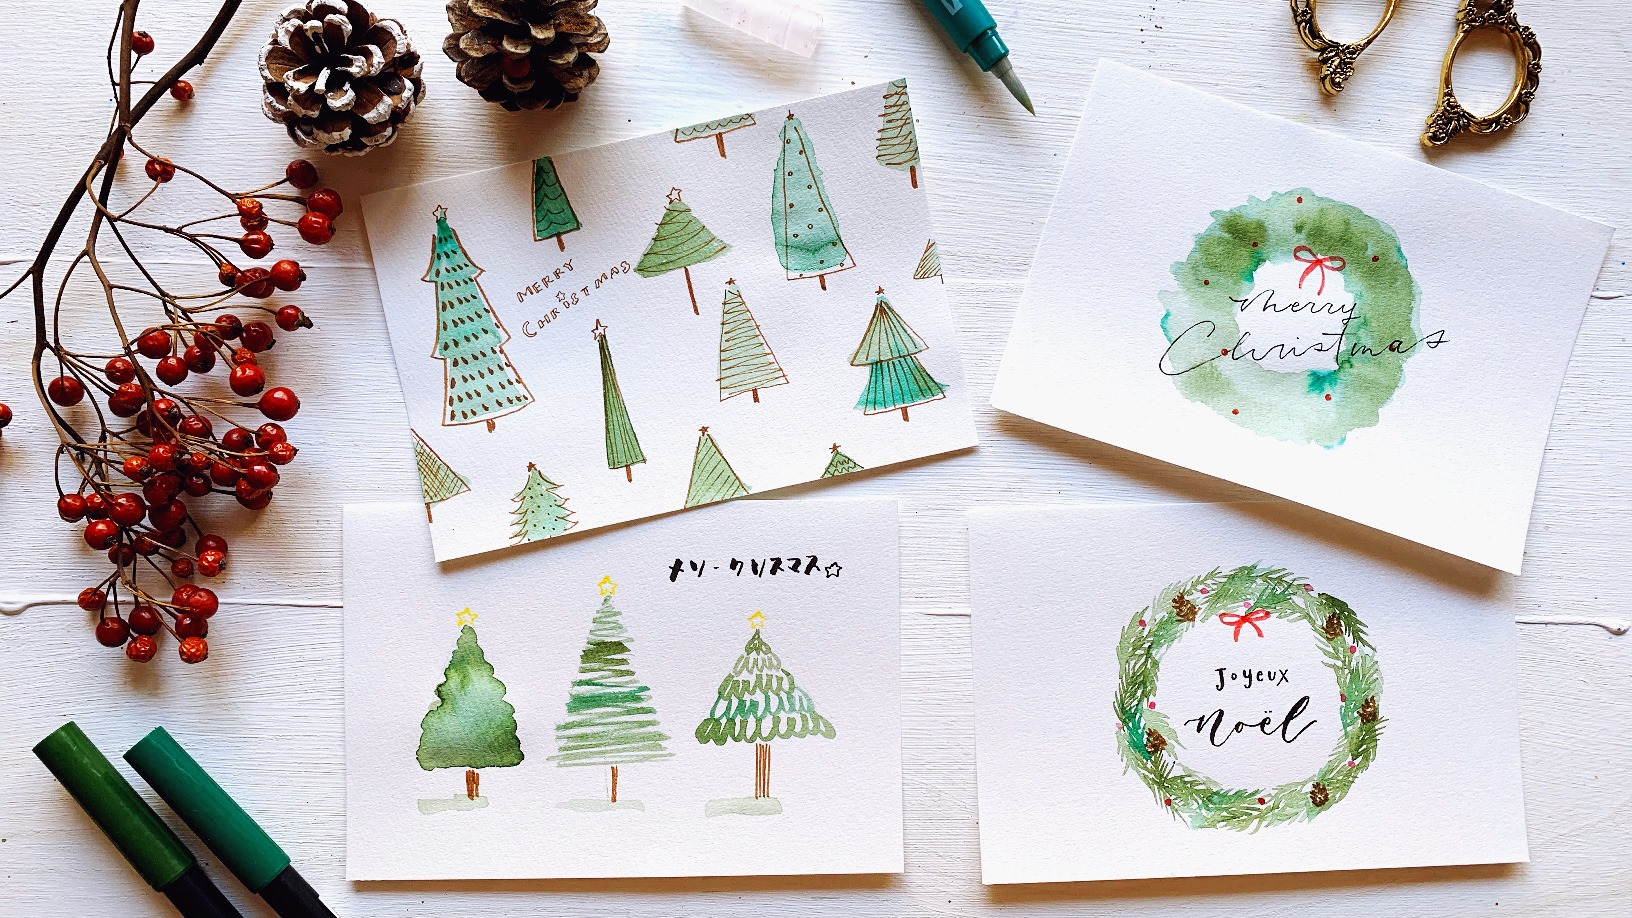 Abtと水筆で簡単に描けるクリスマスカード4種 Tombow Fun Art Studio トンボ鉛筆